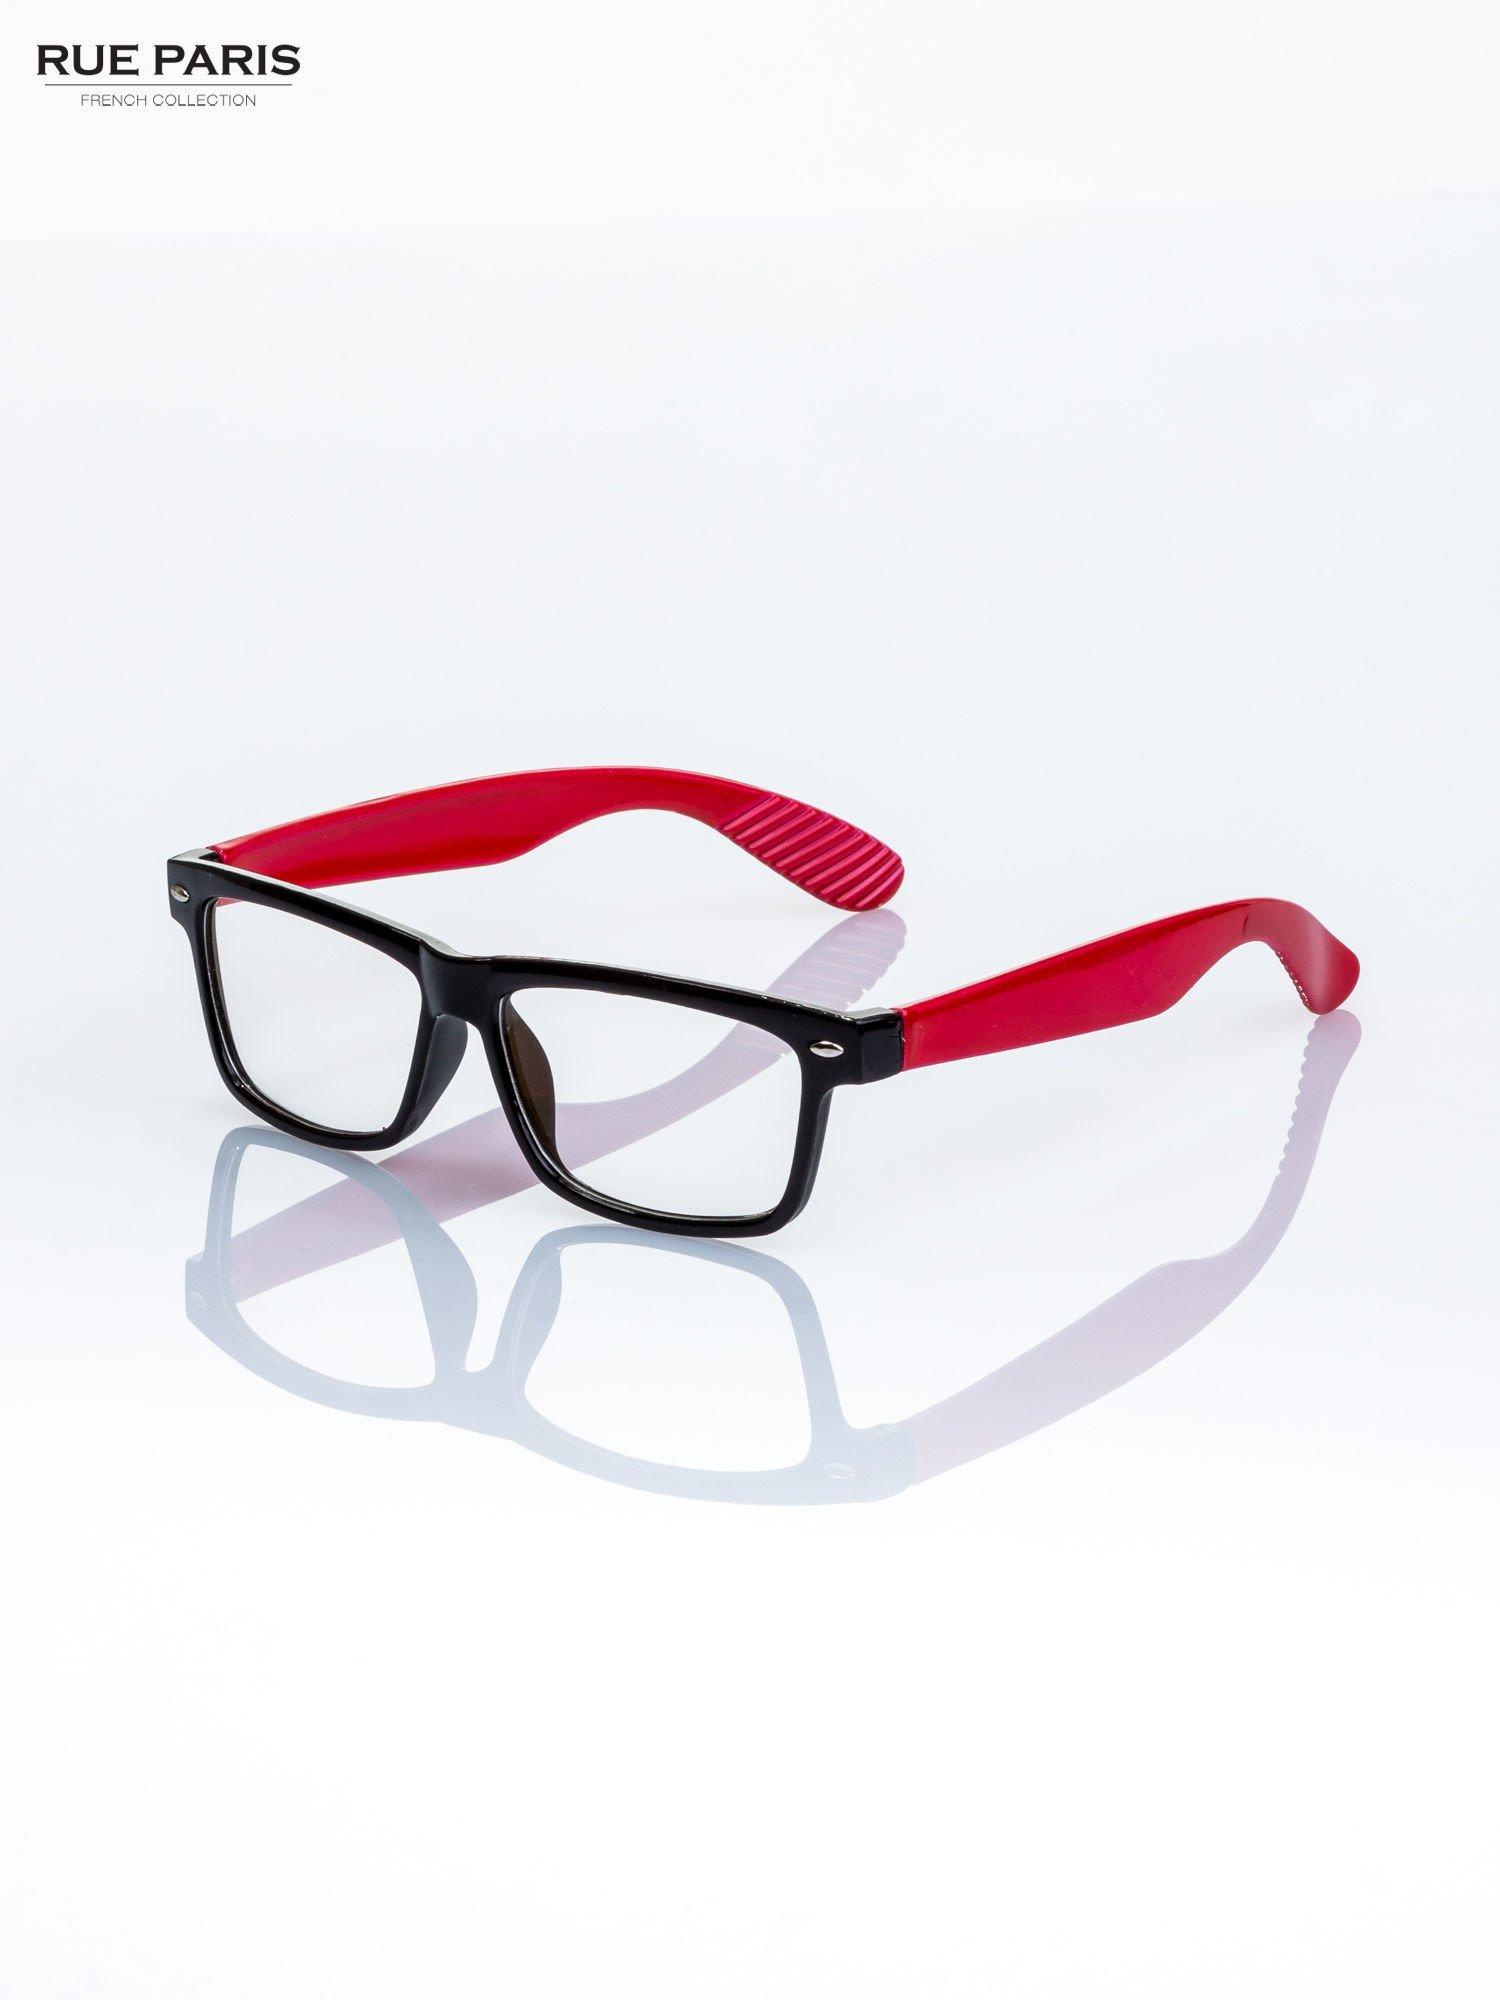 Czerwono-czarne okulary zerówki kujonki typu WAYFARER NERDY                                  zdj.                                  1